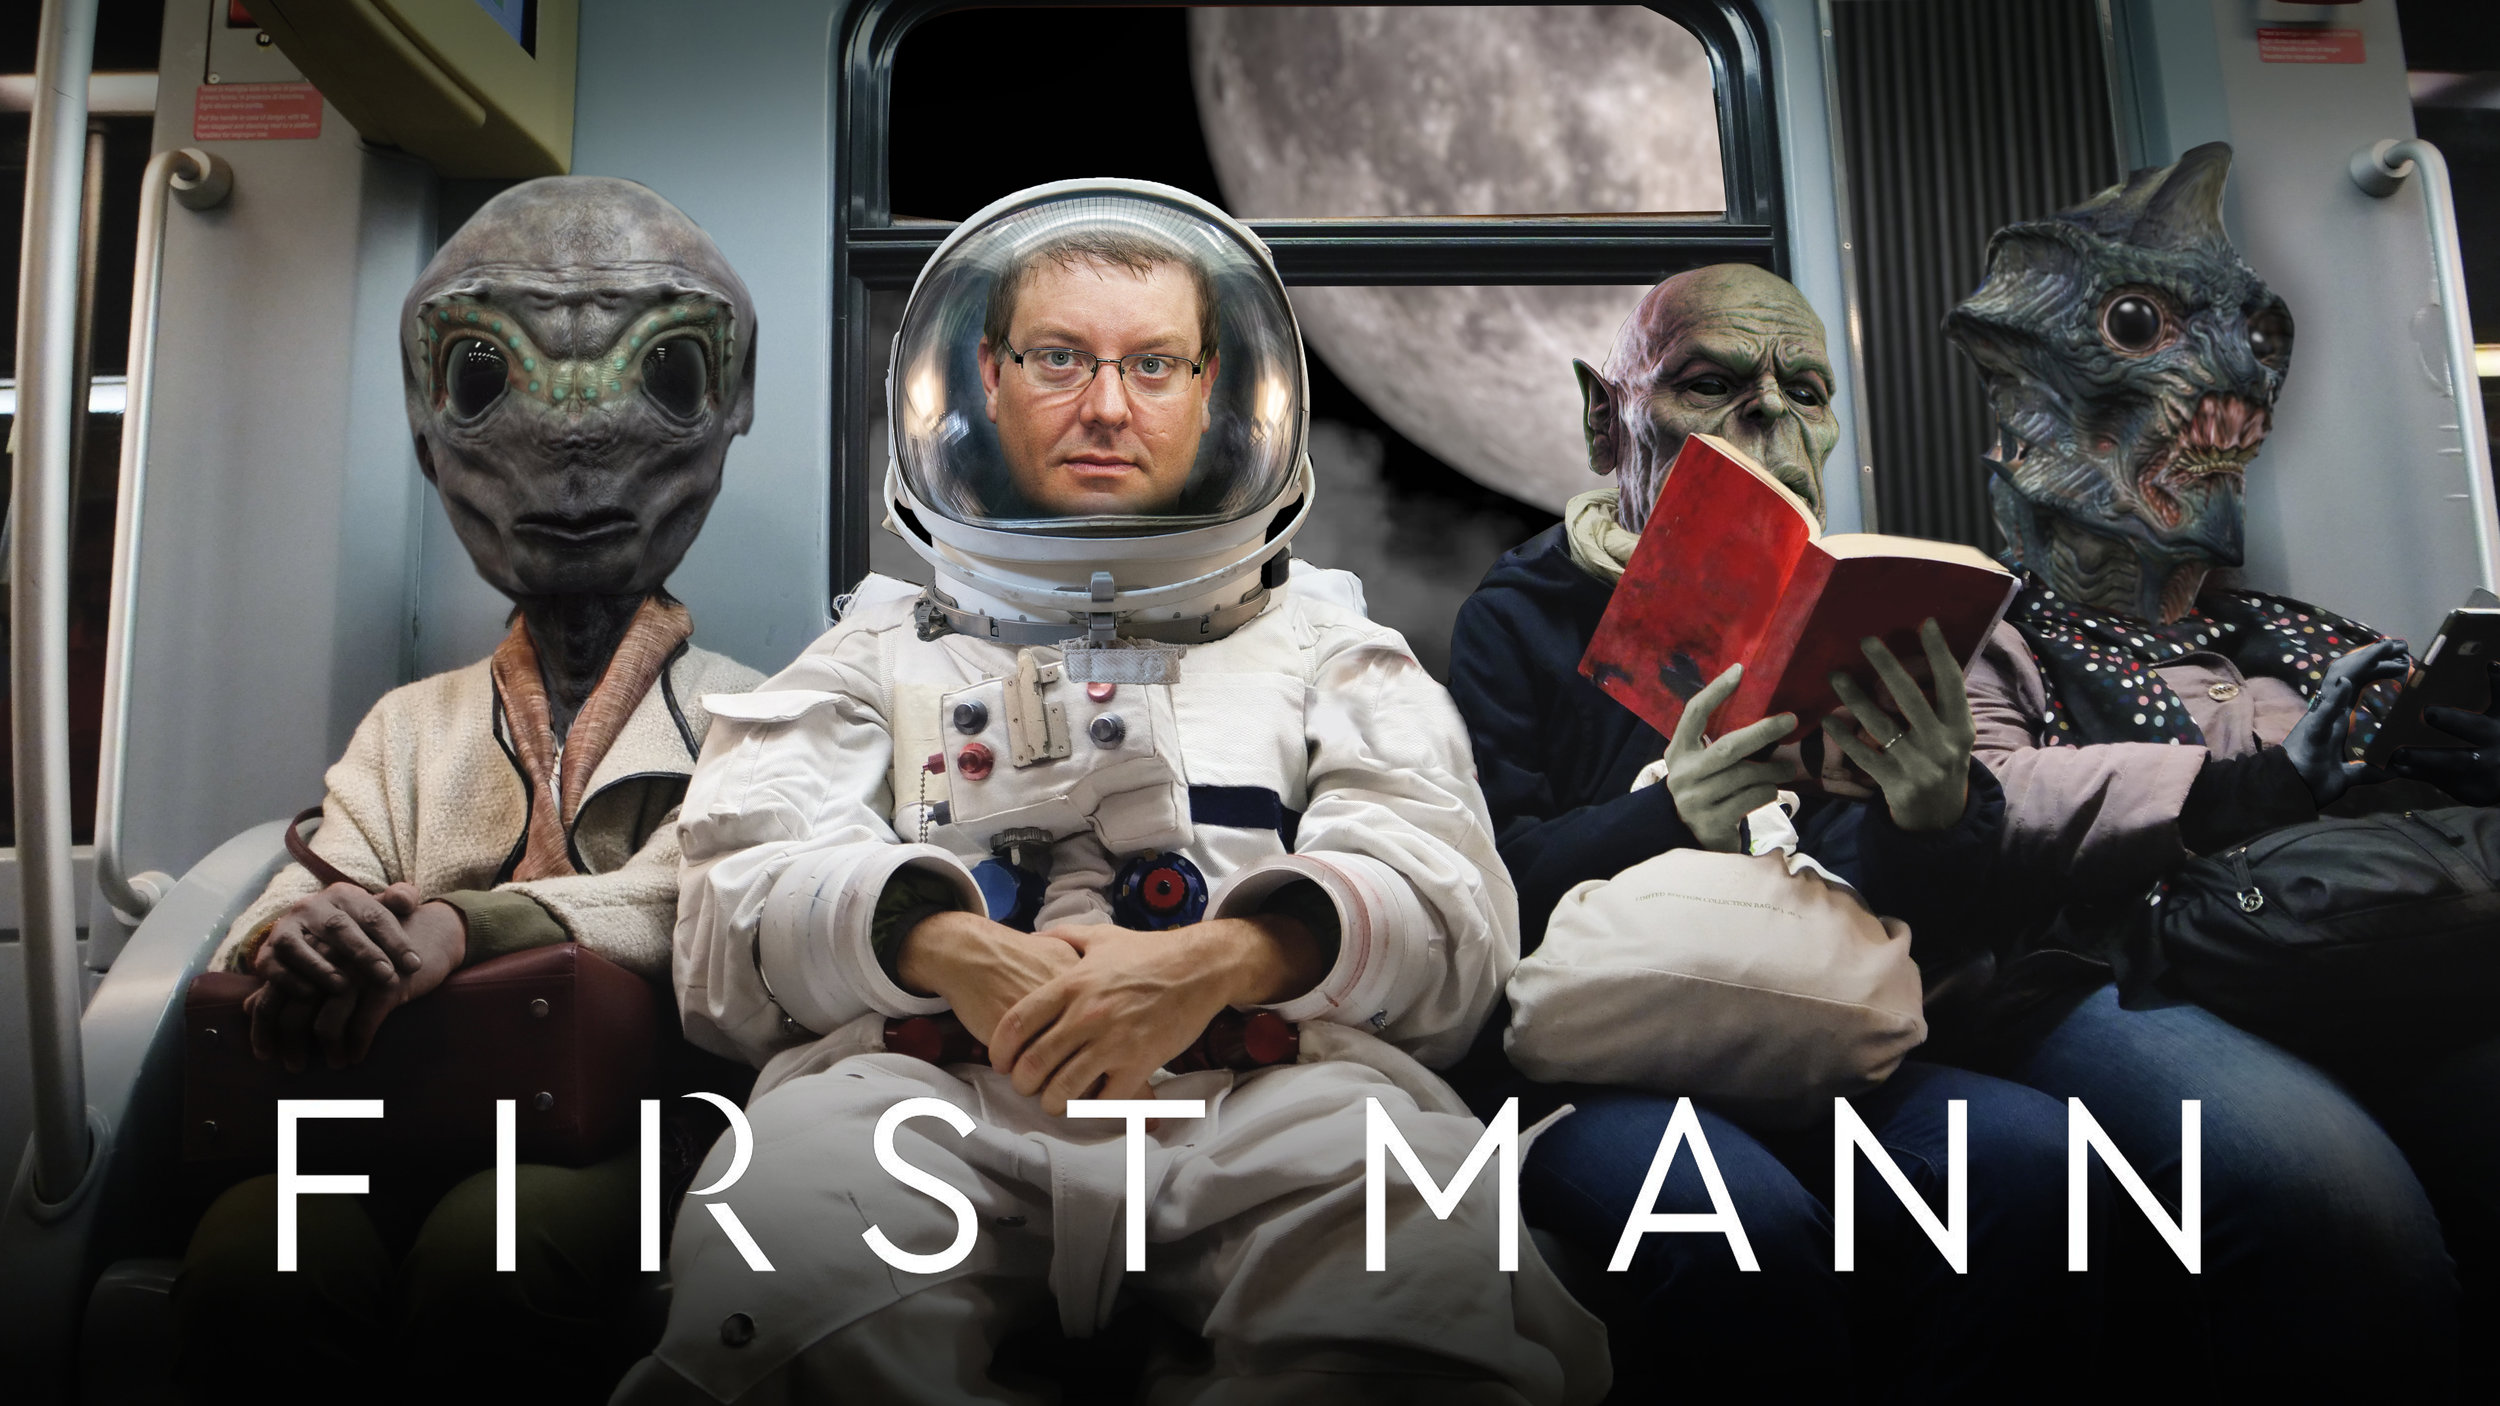 First-Mann.jpg